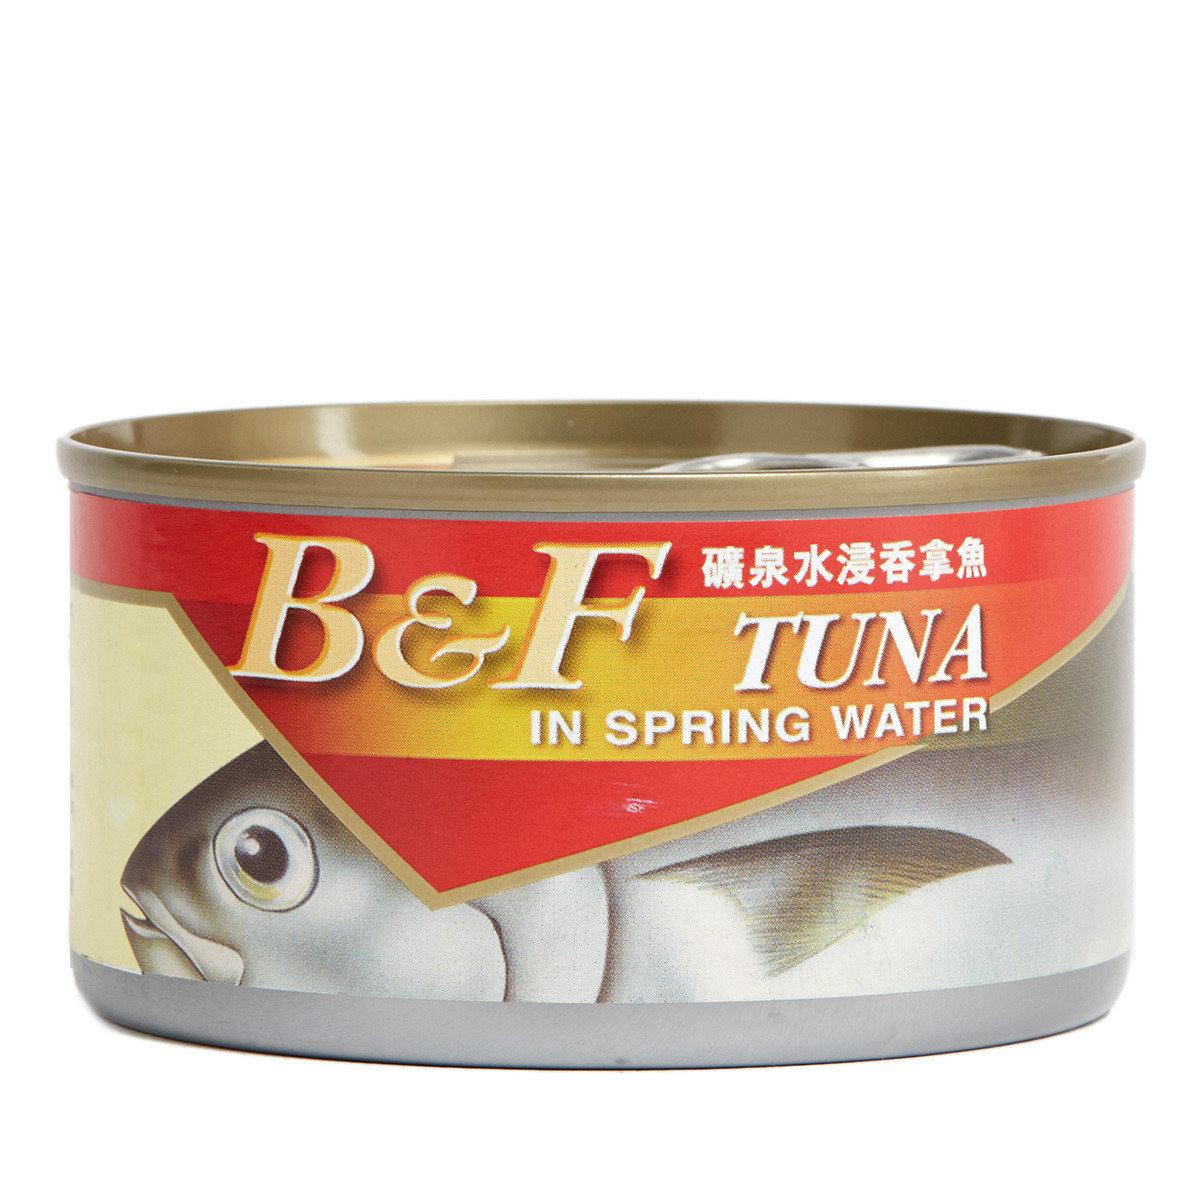 礦泉水浸吞拿魚